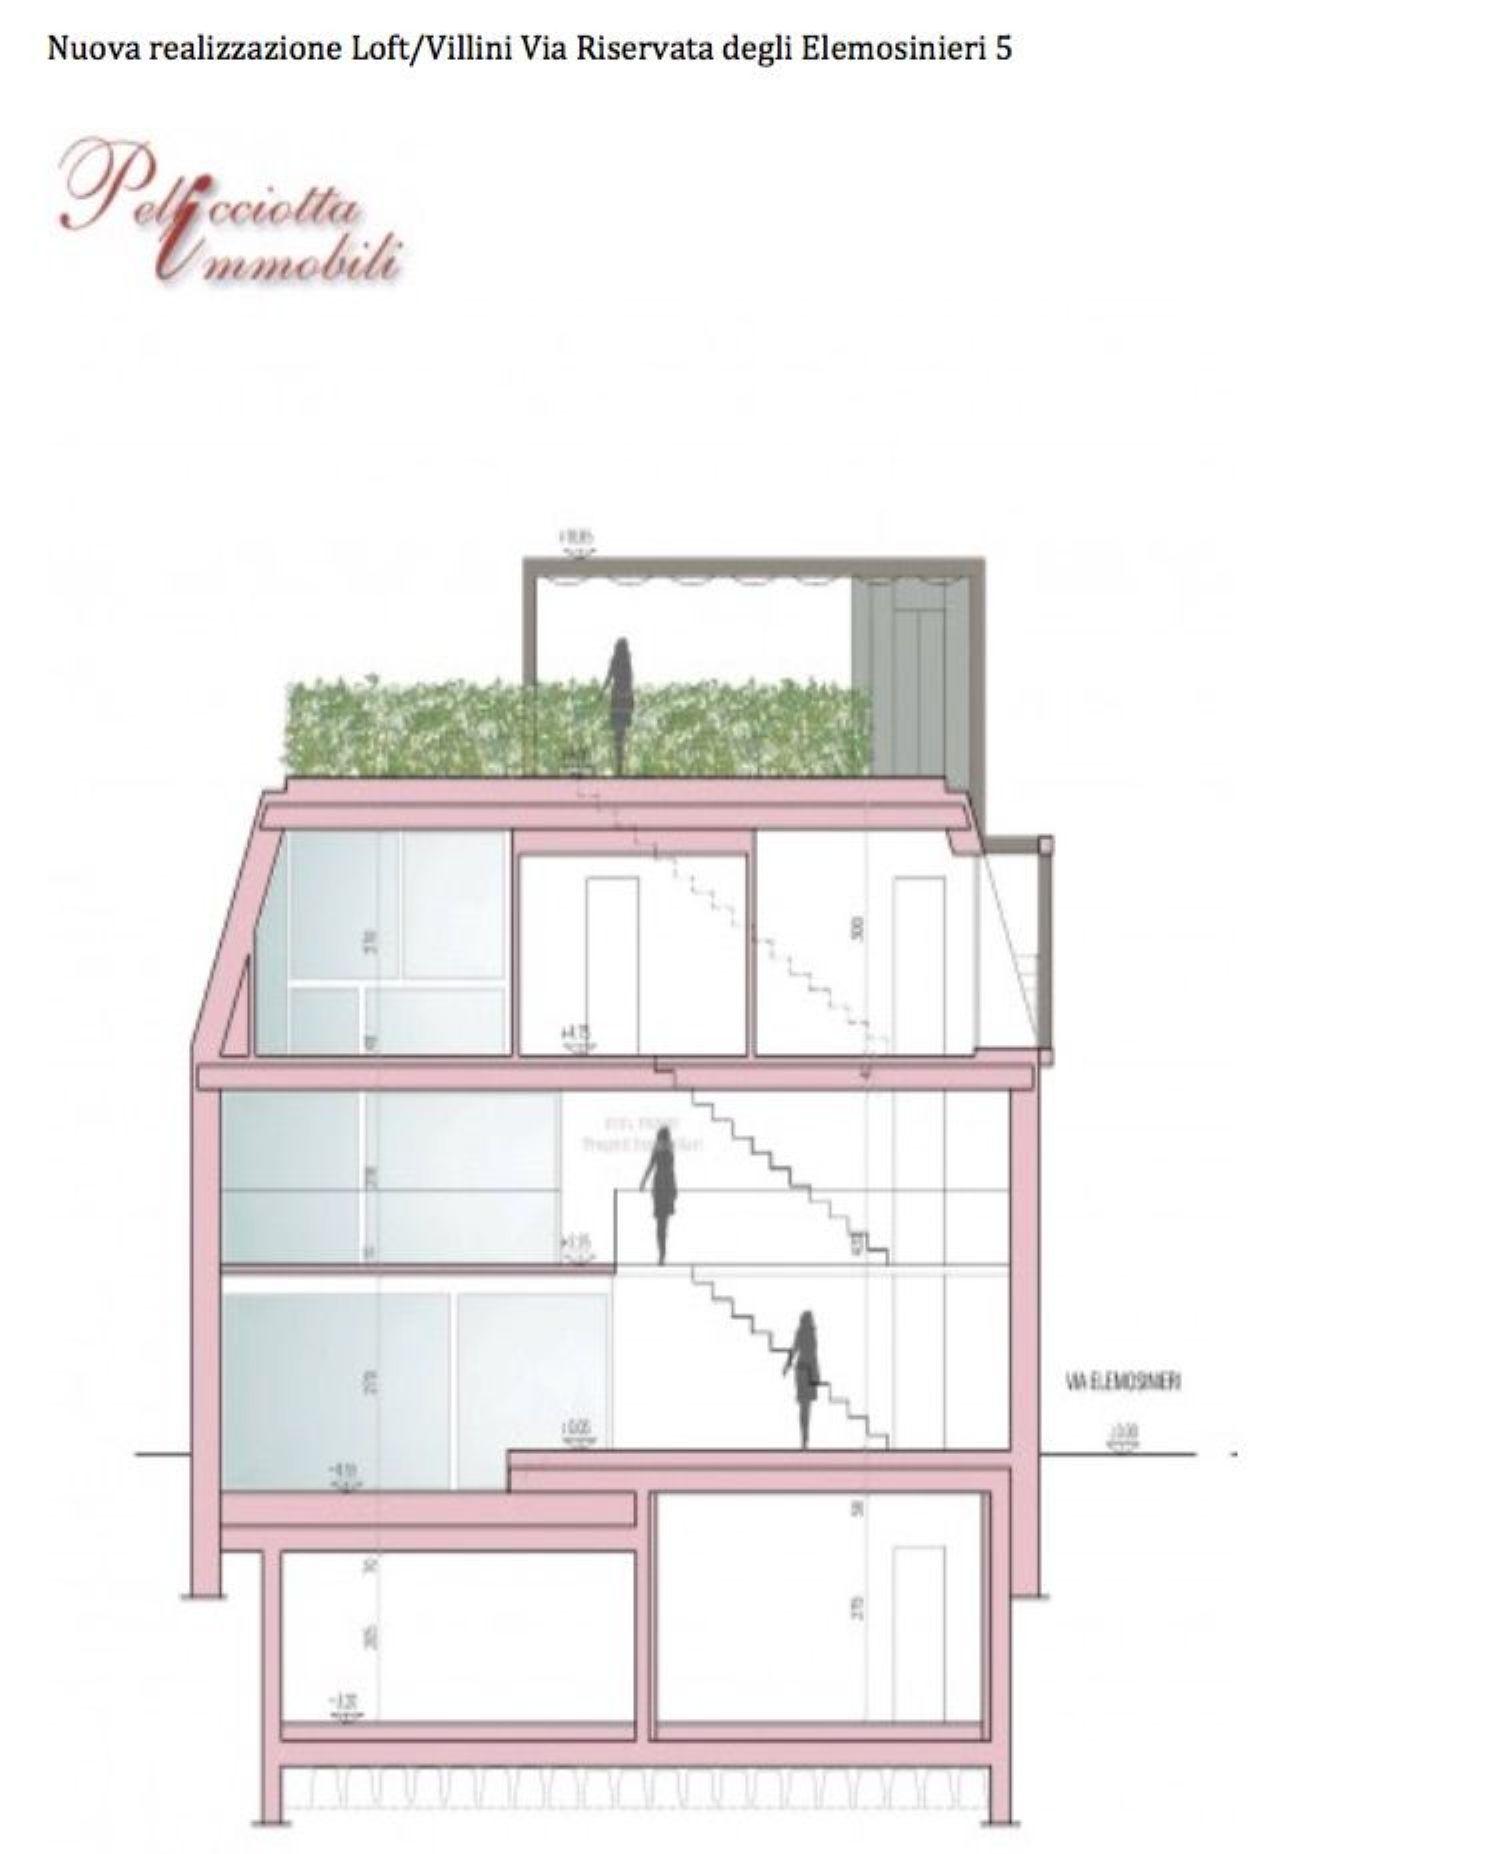 Villa a Schiera in vendita a Milano, 4 locali, prezzo € 695.000 | CambioCasa.it